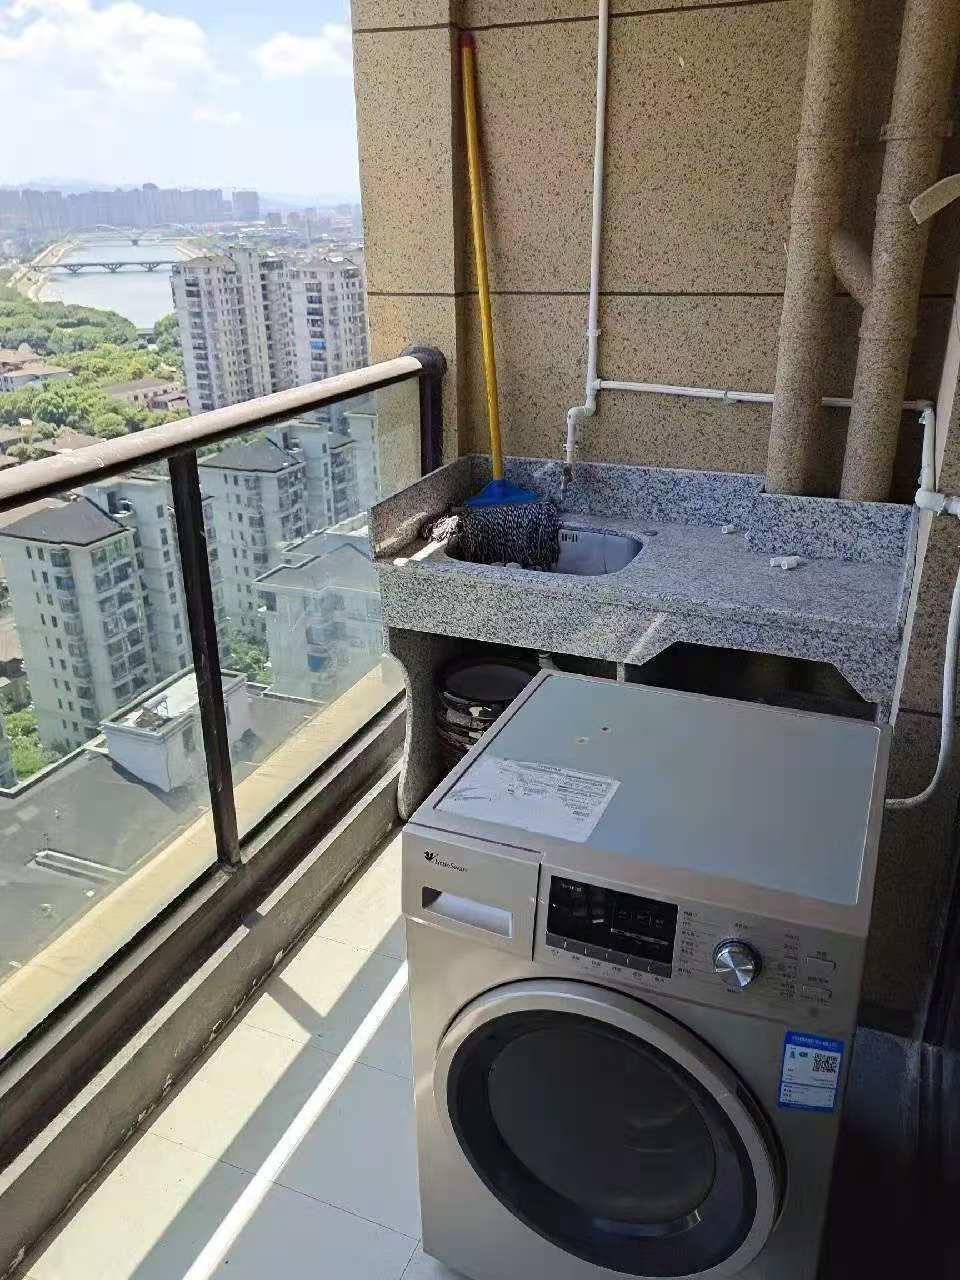 A11144出租城东玉兰花园电梯房高层 ,89平方,二室二厅一厨一卫,采光效果非常好,家电齐全 价格2500元一月包物业,交通方便对面就是和悦广场的实拍照片